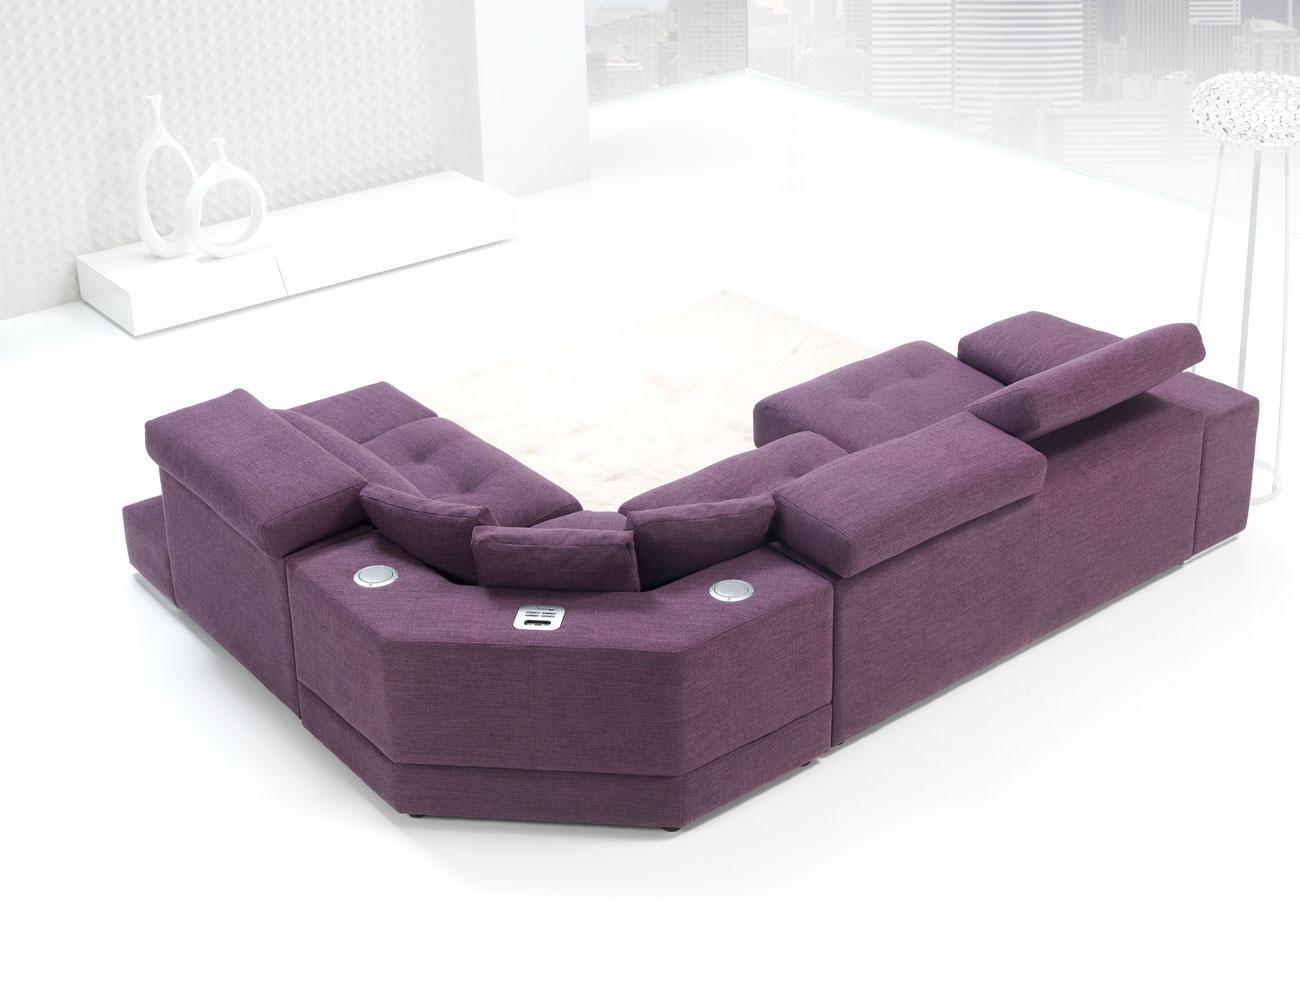 Sofa chaiselongue rincon con brazo mecanico tejido anti manchas 35